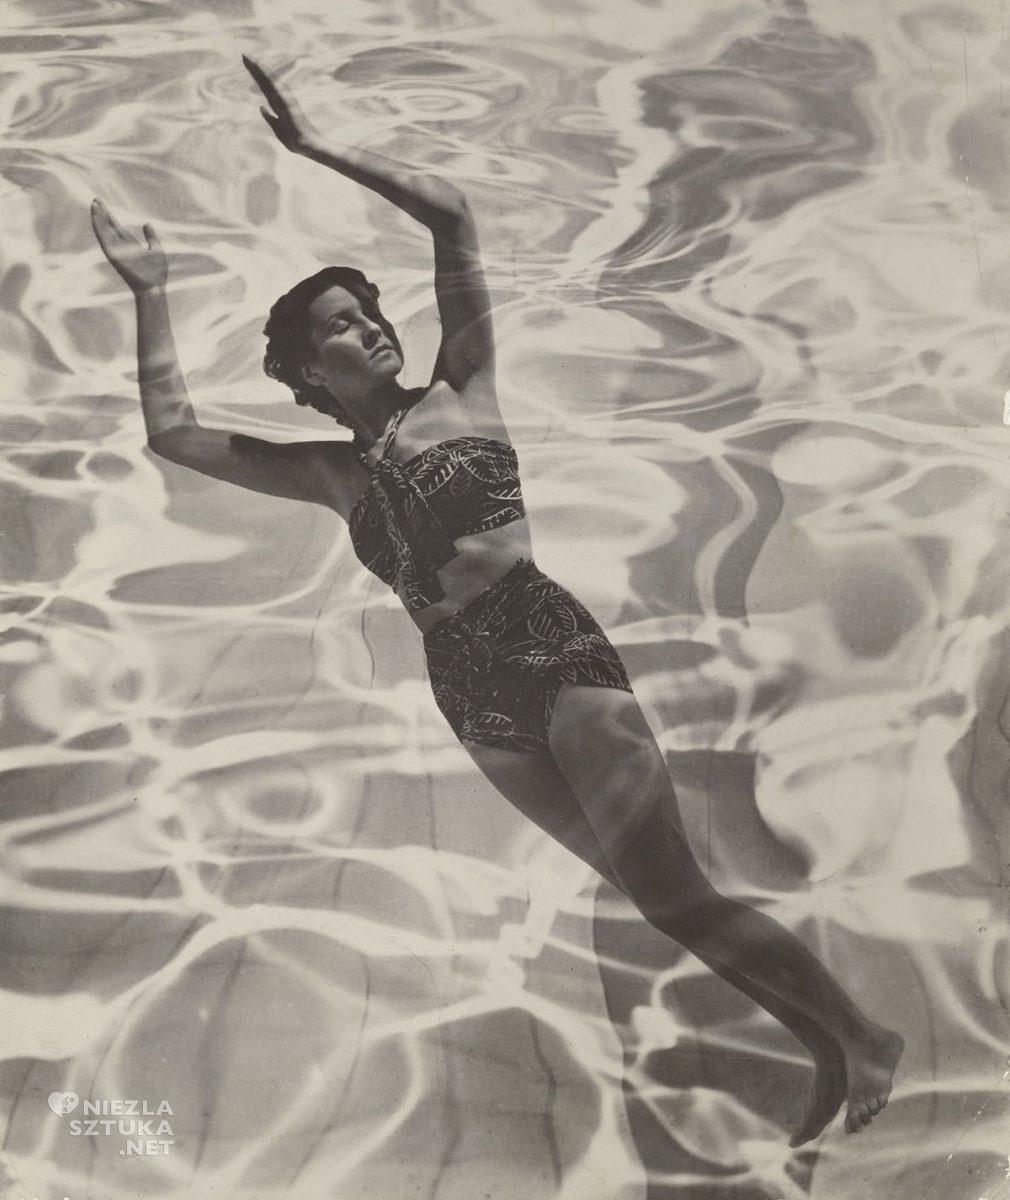 Dora Maar, Modelka w kostiumu kąpielowym, kobiety w sztuce, Niezła Sztuka